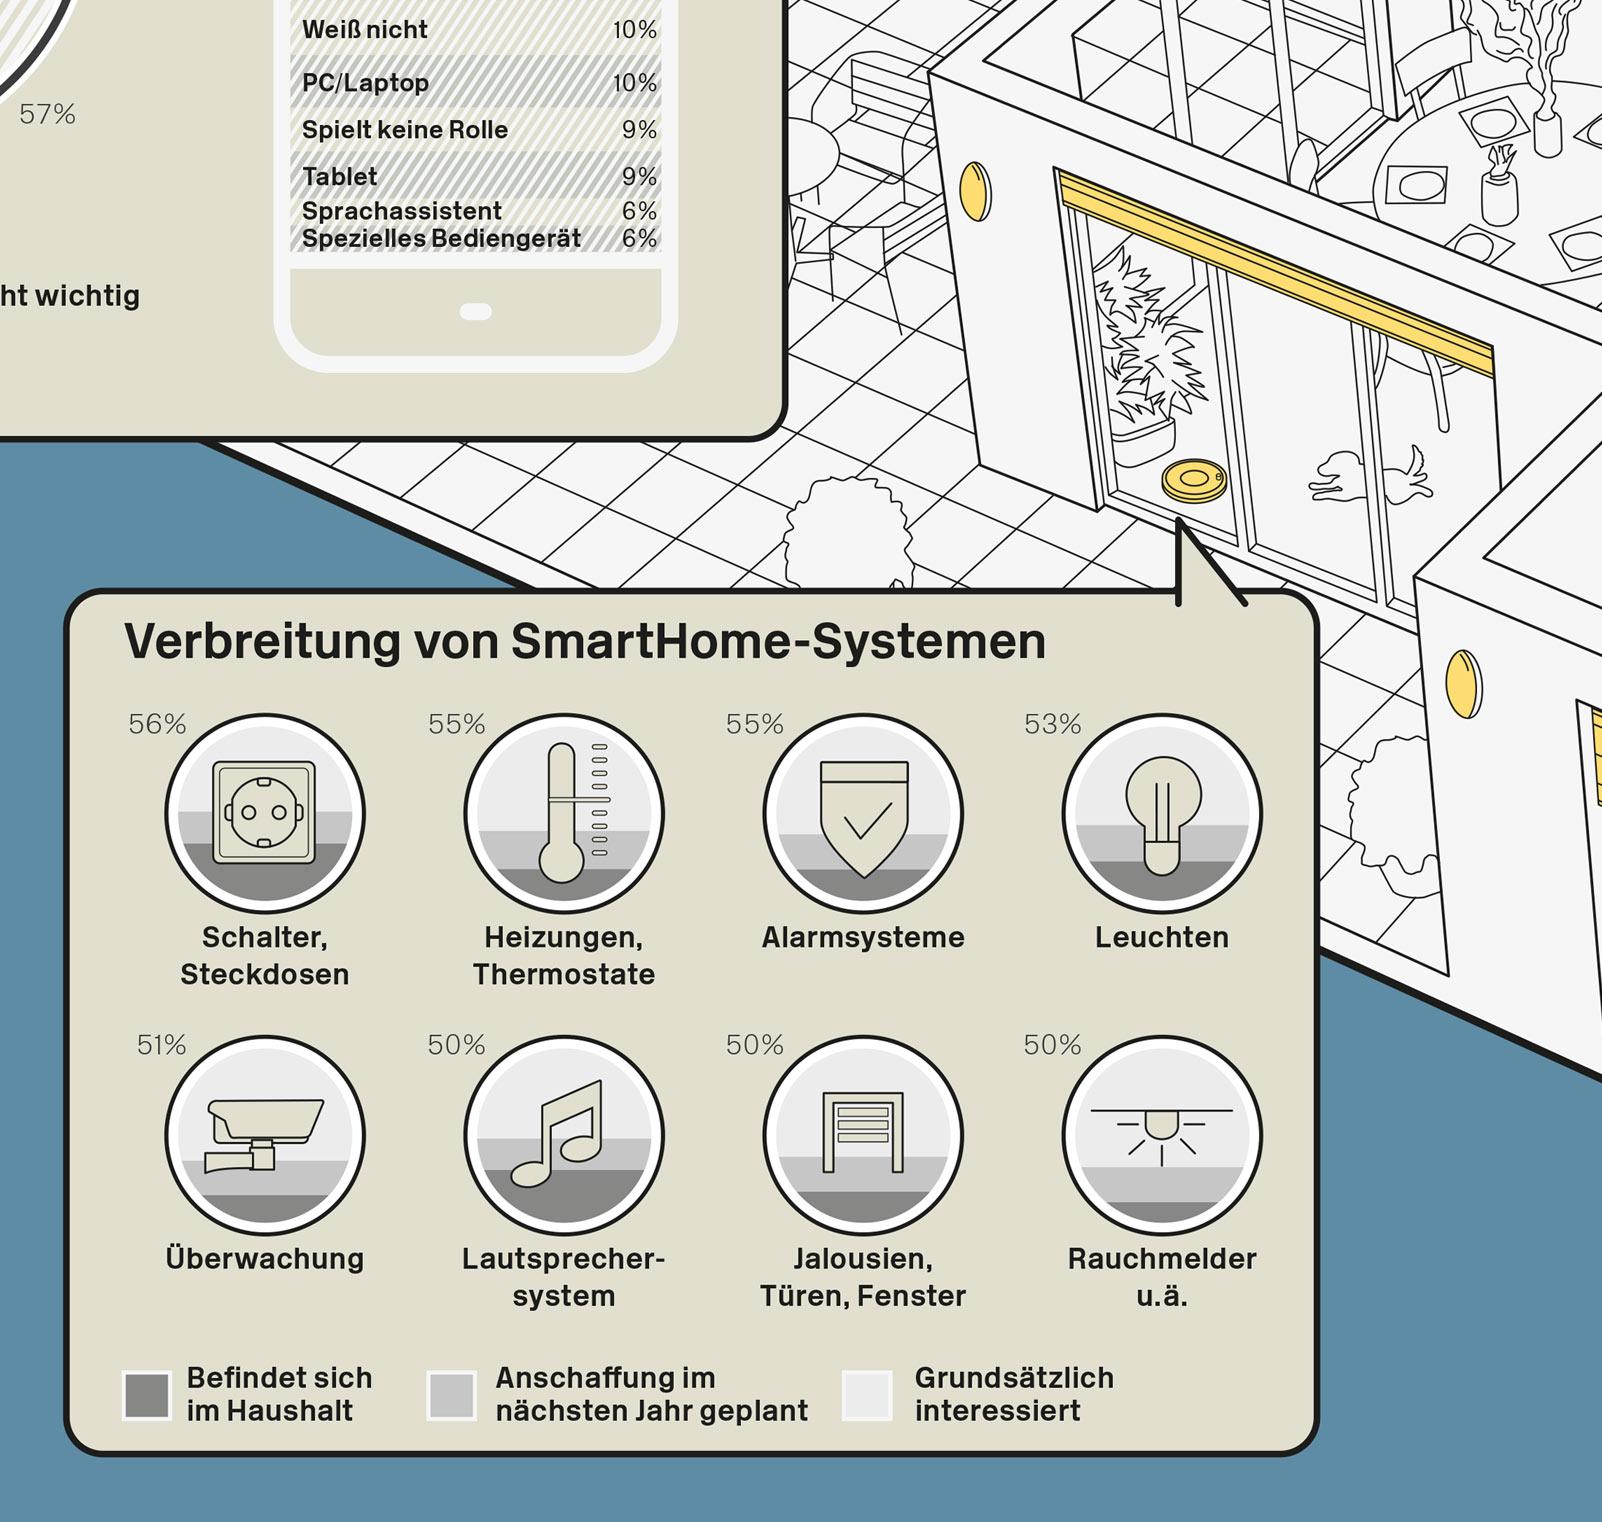 Smart Home Infografik - Verbreitung von SmartHome-Systemen